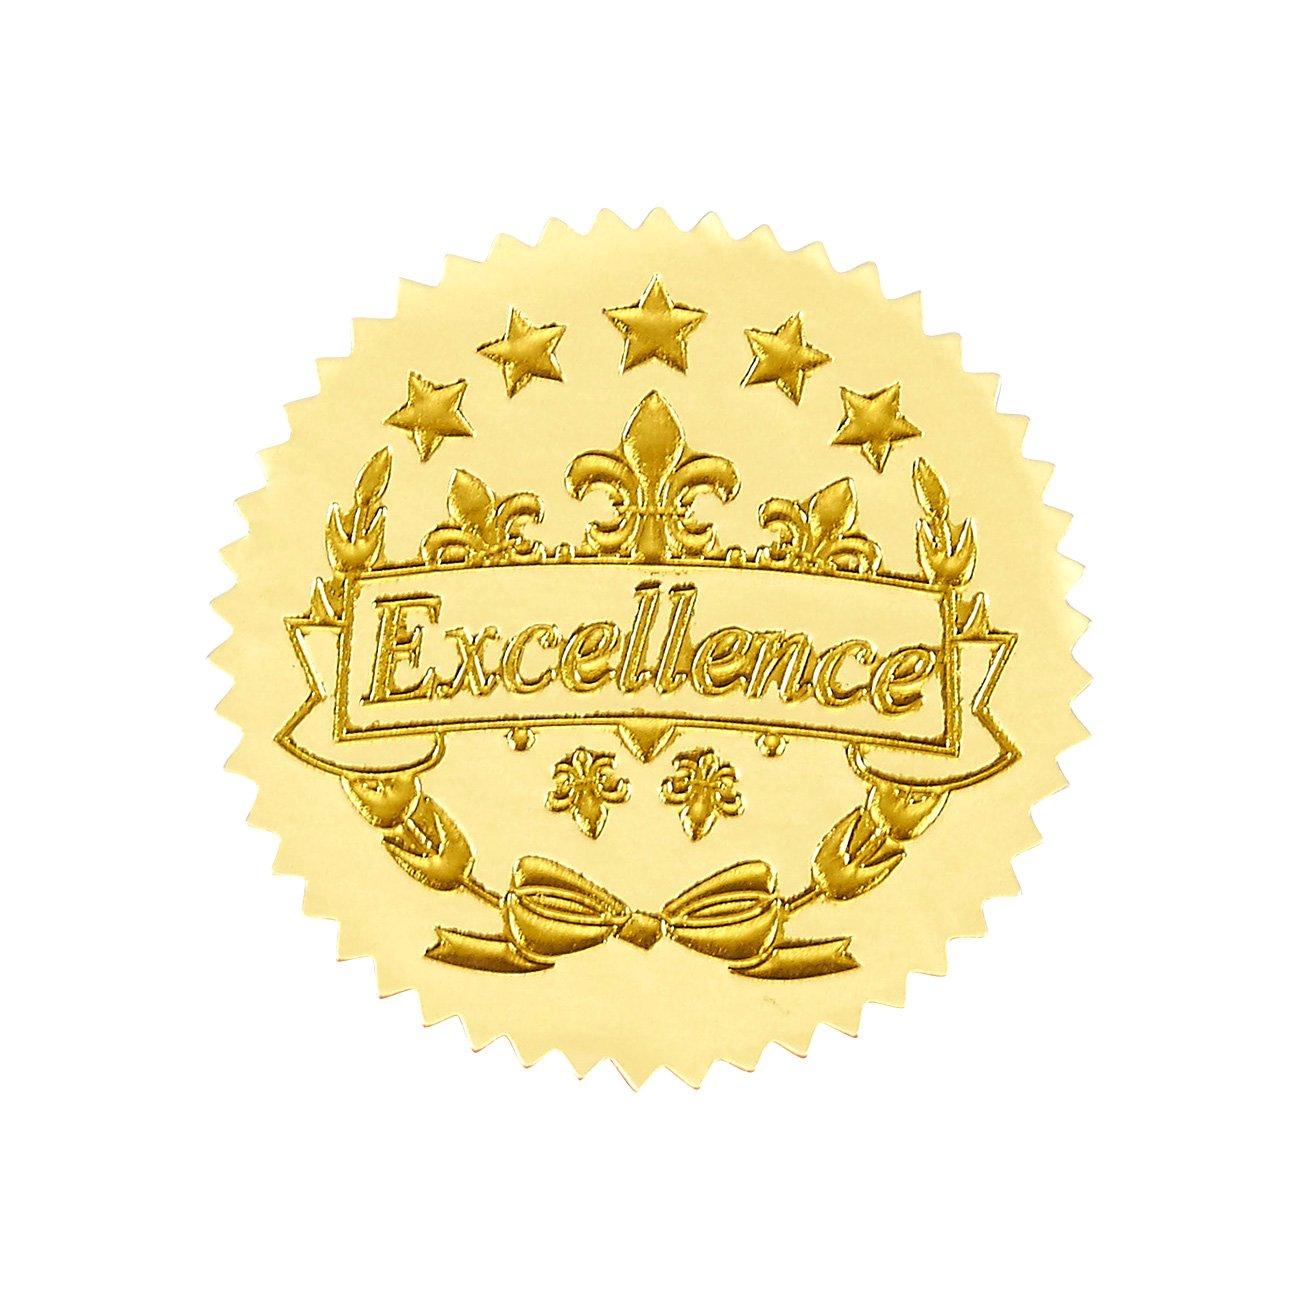 Cheap Award Certificate Seals Find Award Certificate Seals Deals On